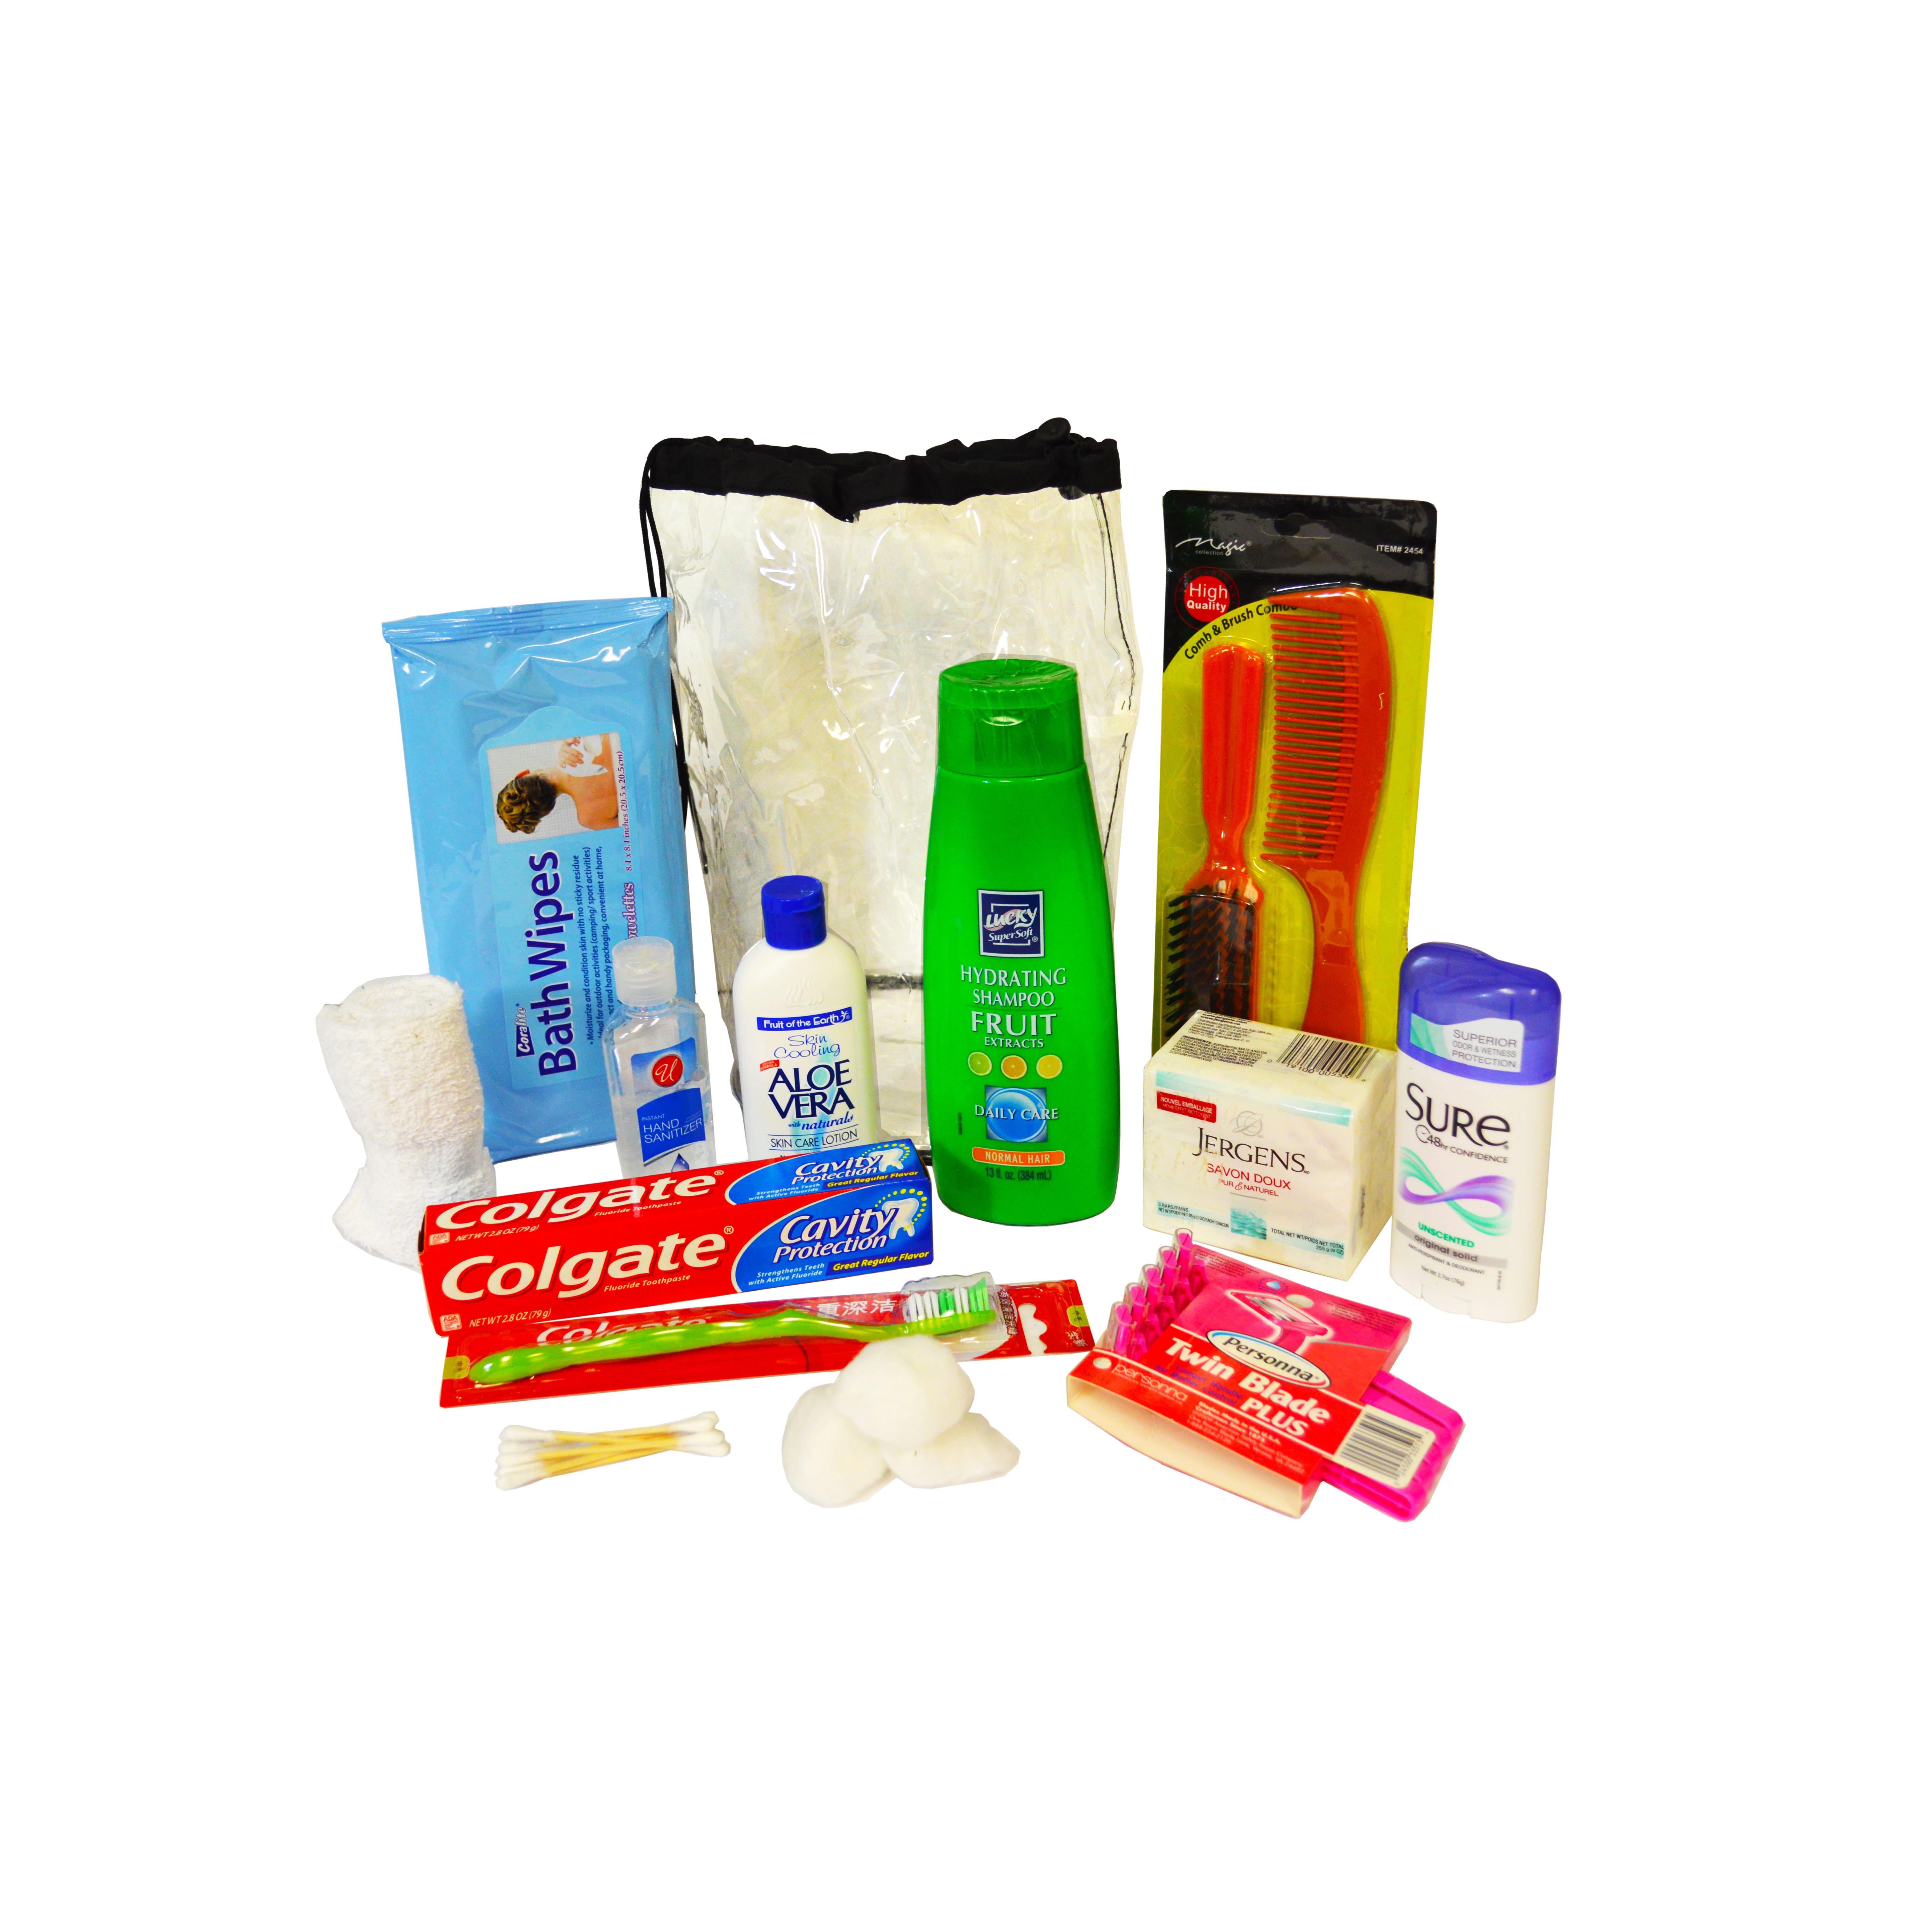 female hygiene kit 003 fhk 000 backpack gear inc. Black Bedroom Furniture Sets. Home Design Ideas